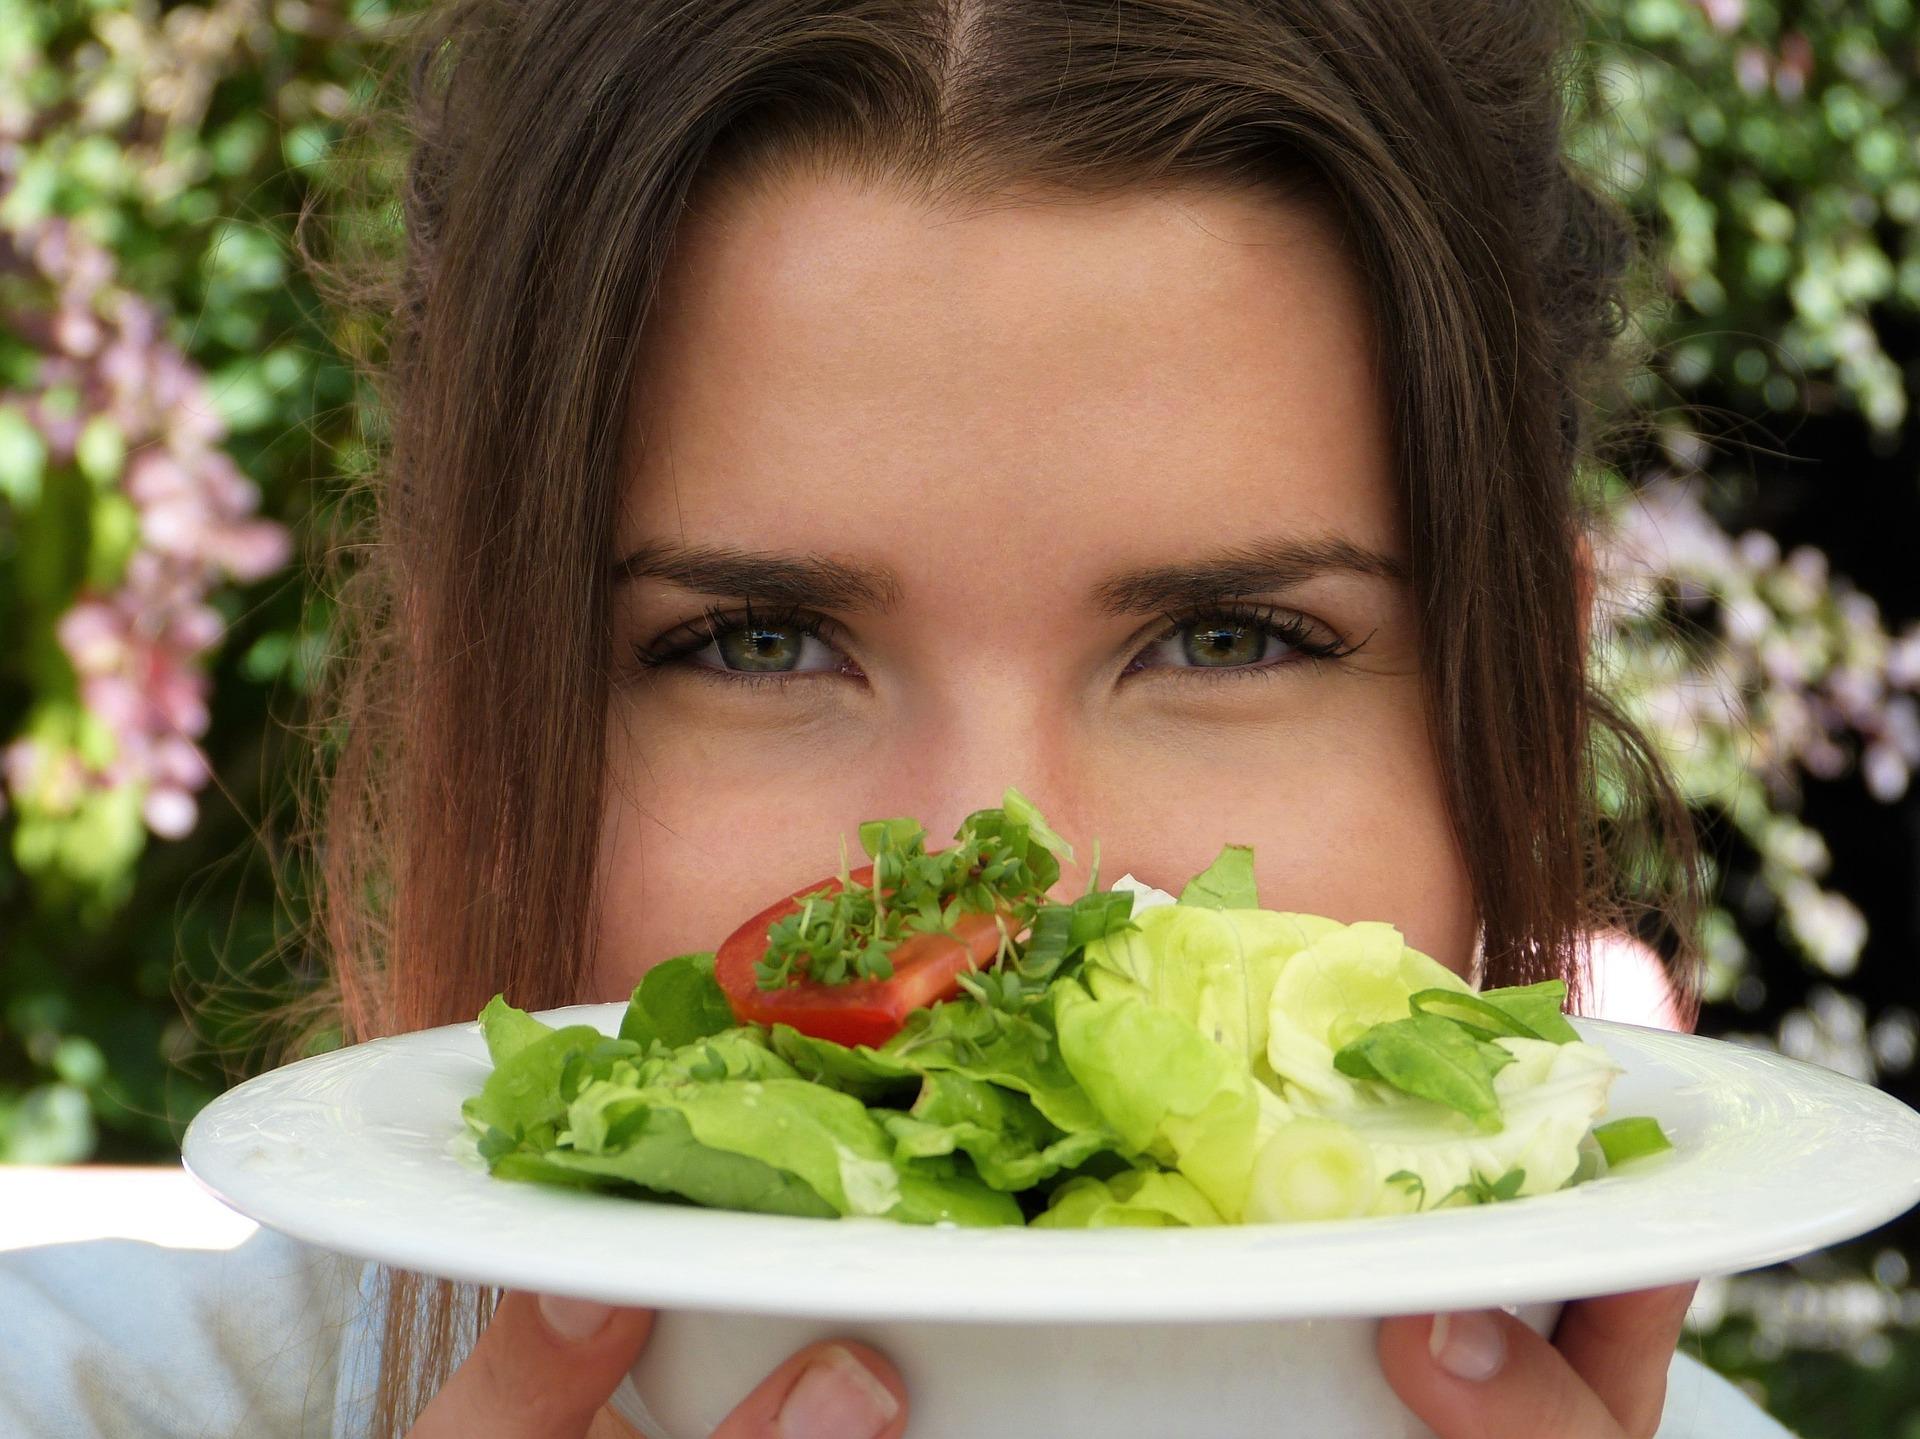 Лучшие службы доставки здоровой еды для похудения в Новосибирске на 2021 год